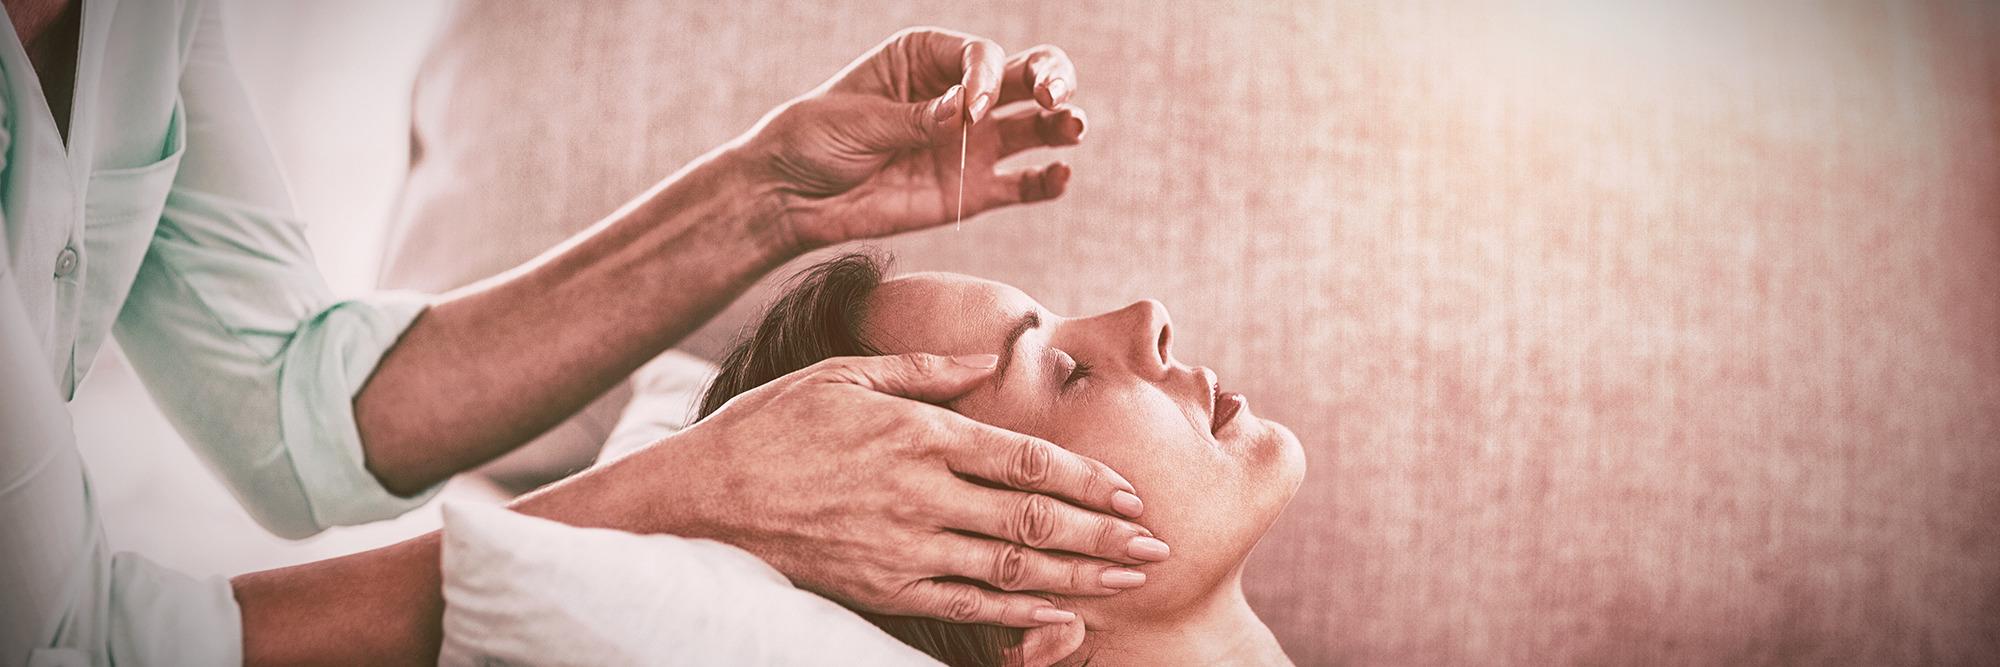 Medoucine permet de trouver des praticiens de confiance dans les médecines douces